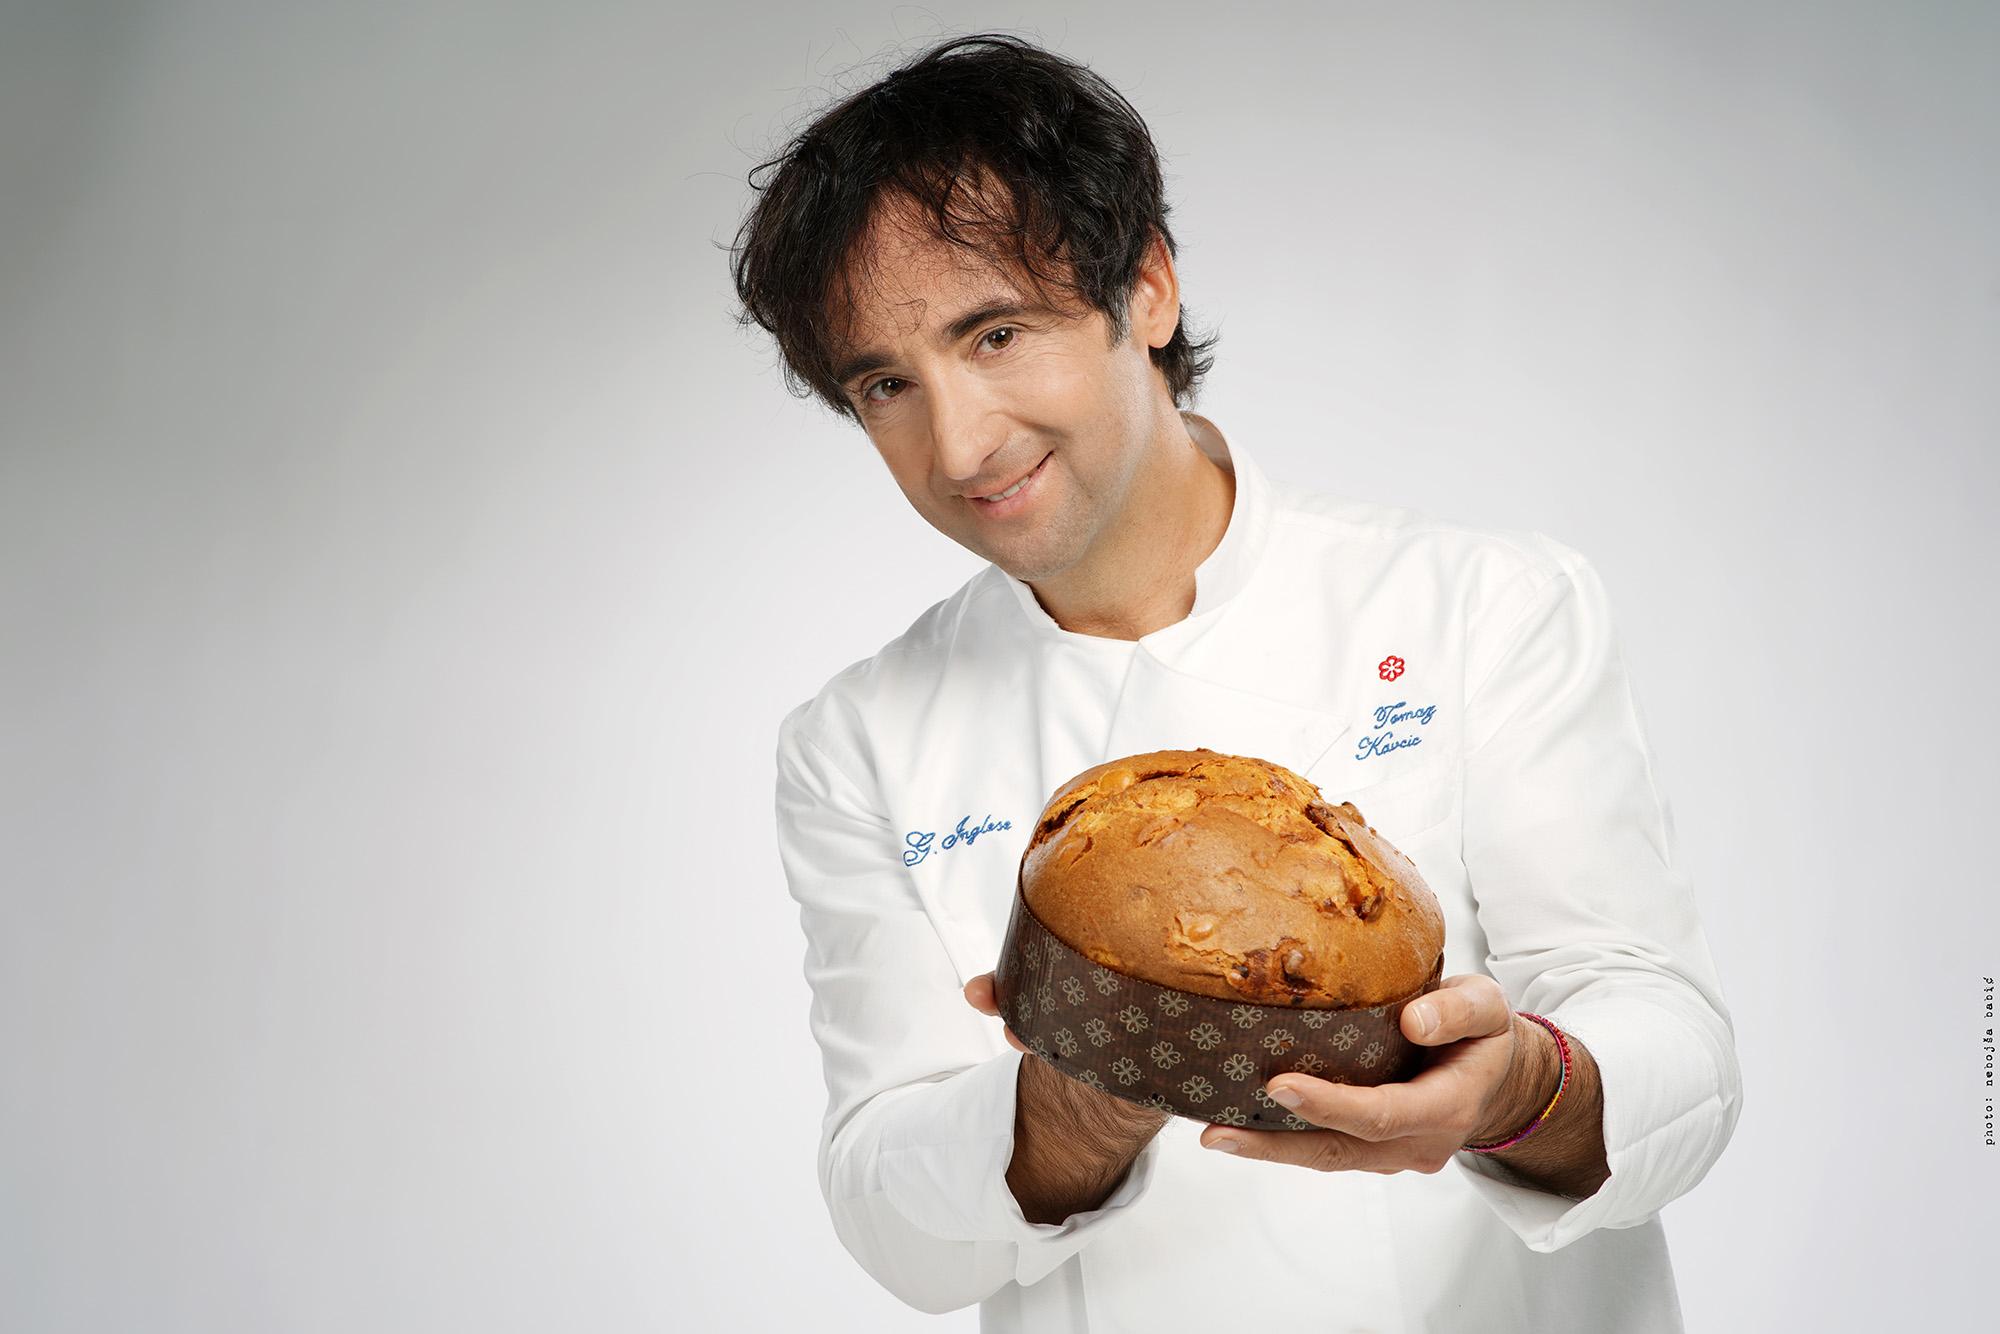 Tomaž drži panettone